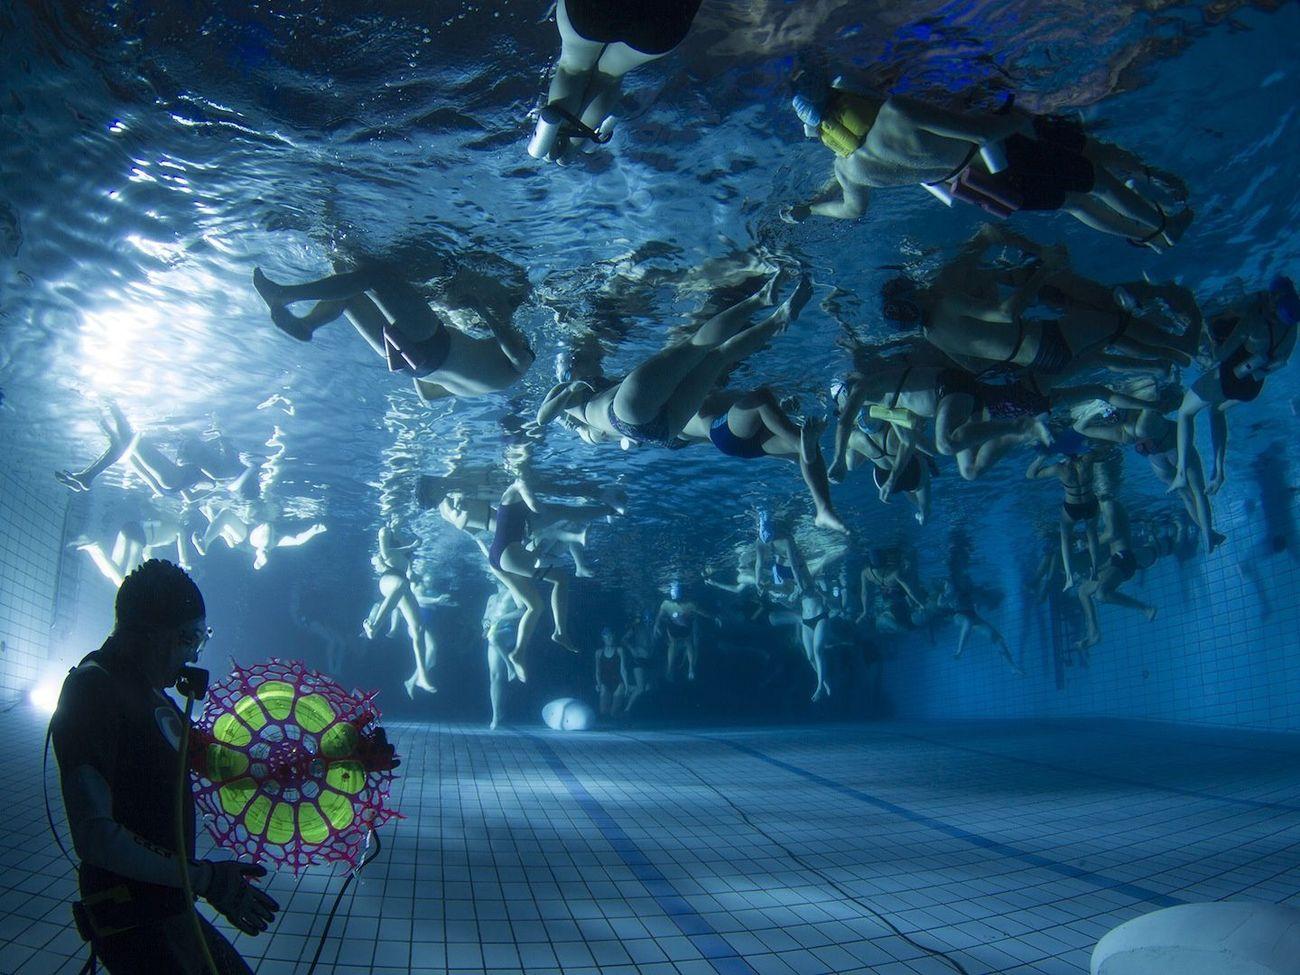 Michel Redolfi durante un Concerto subacqueo